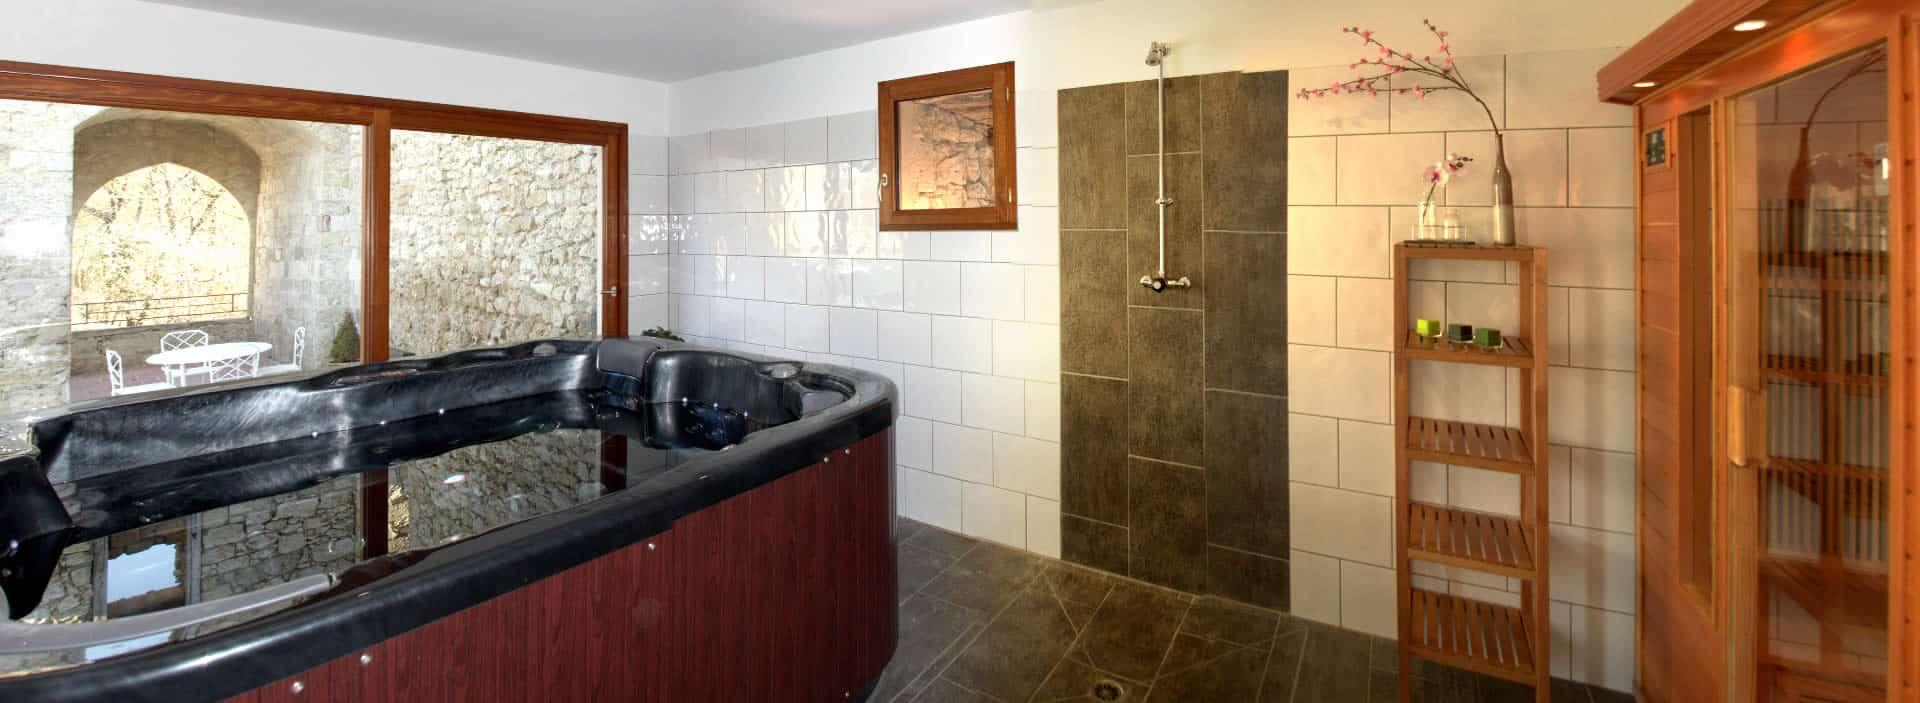 spa-6-places-sauna-privatifs-1